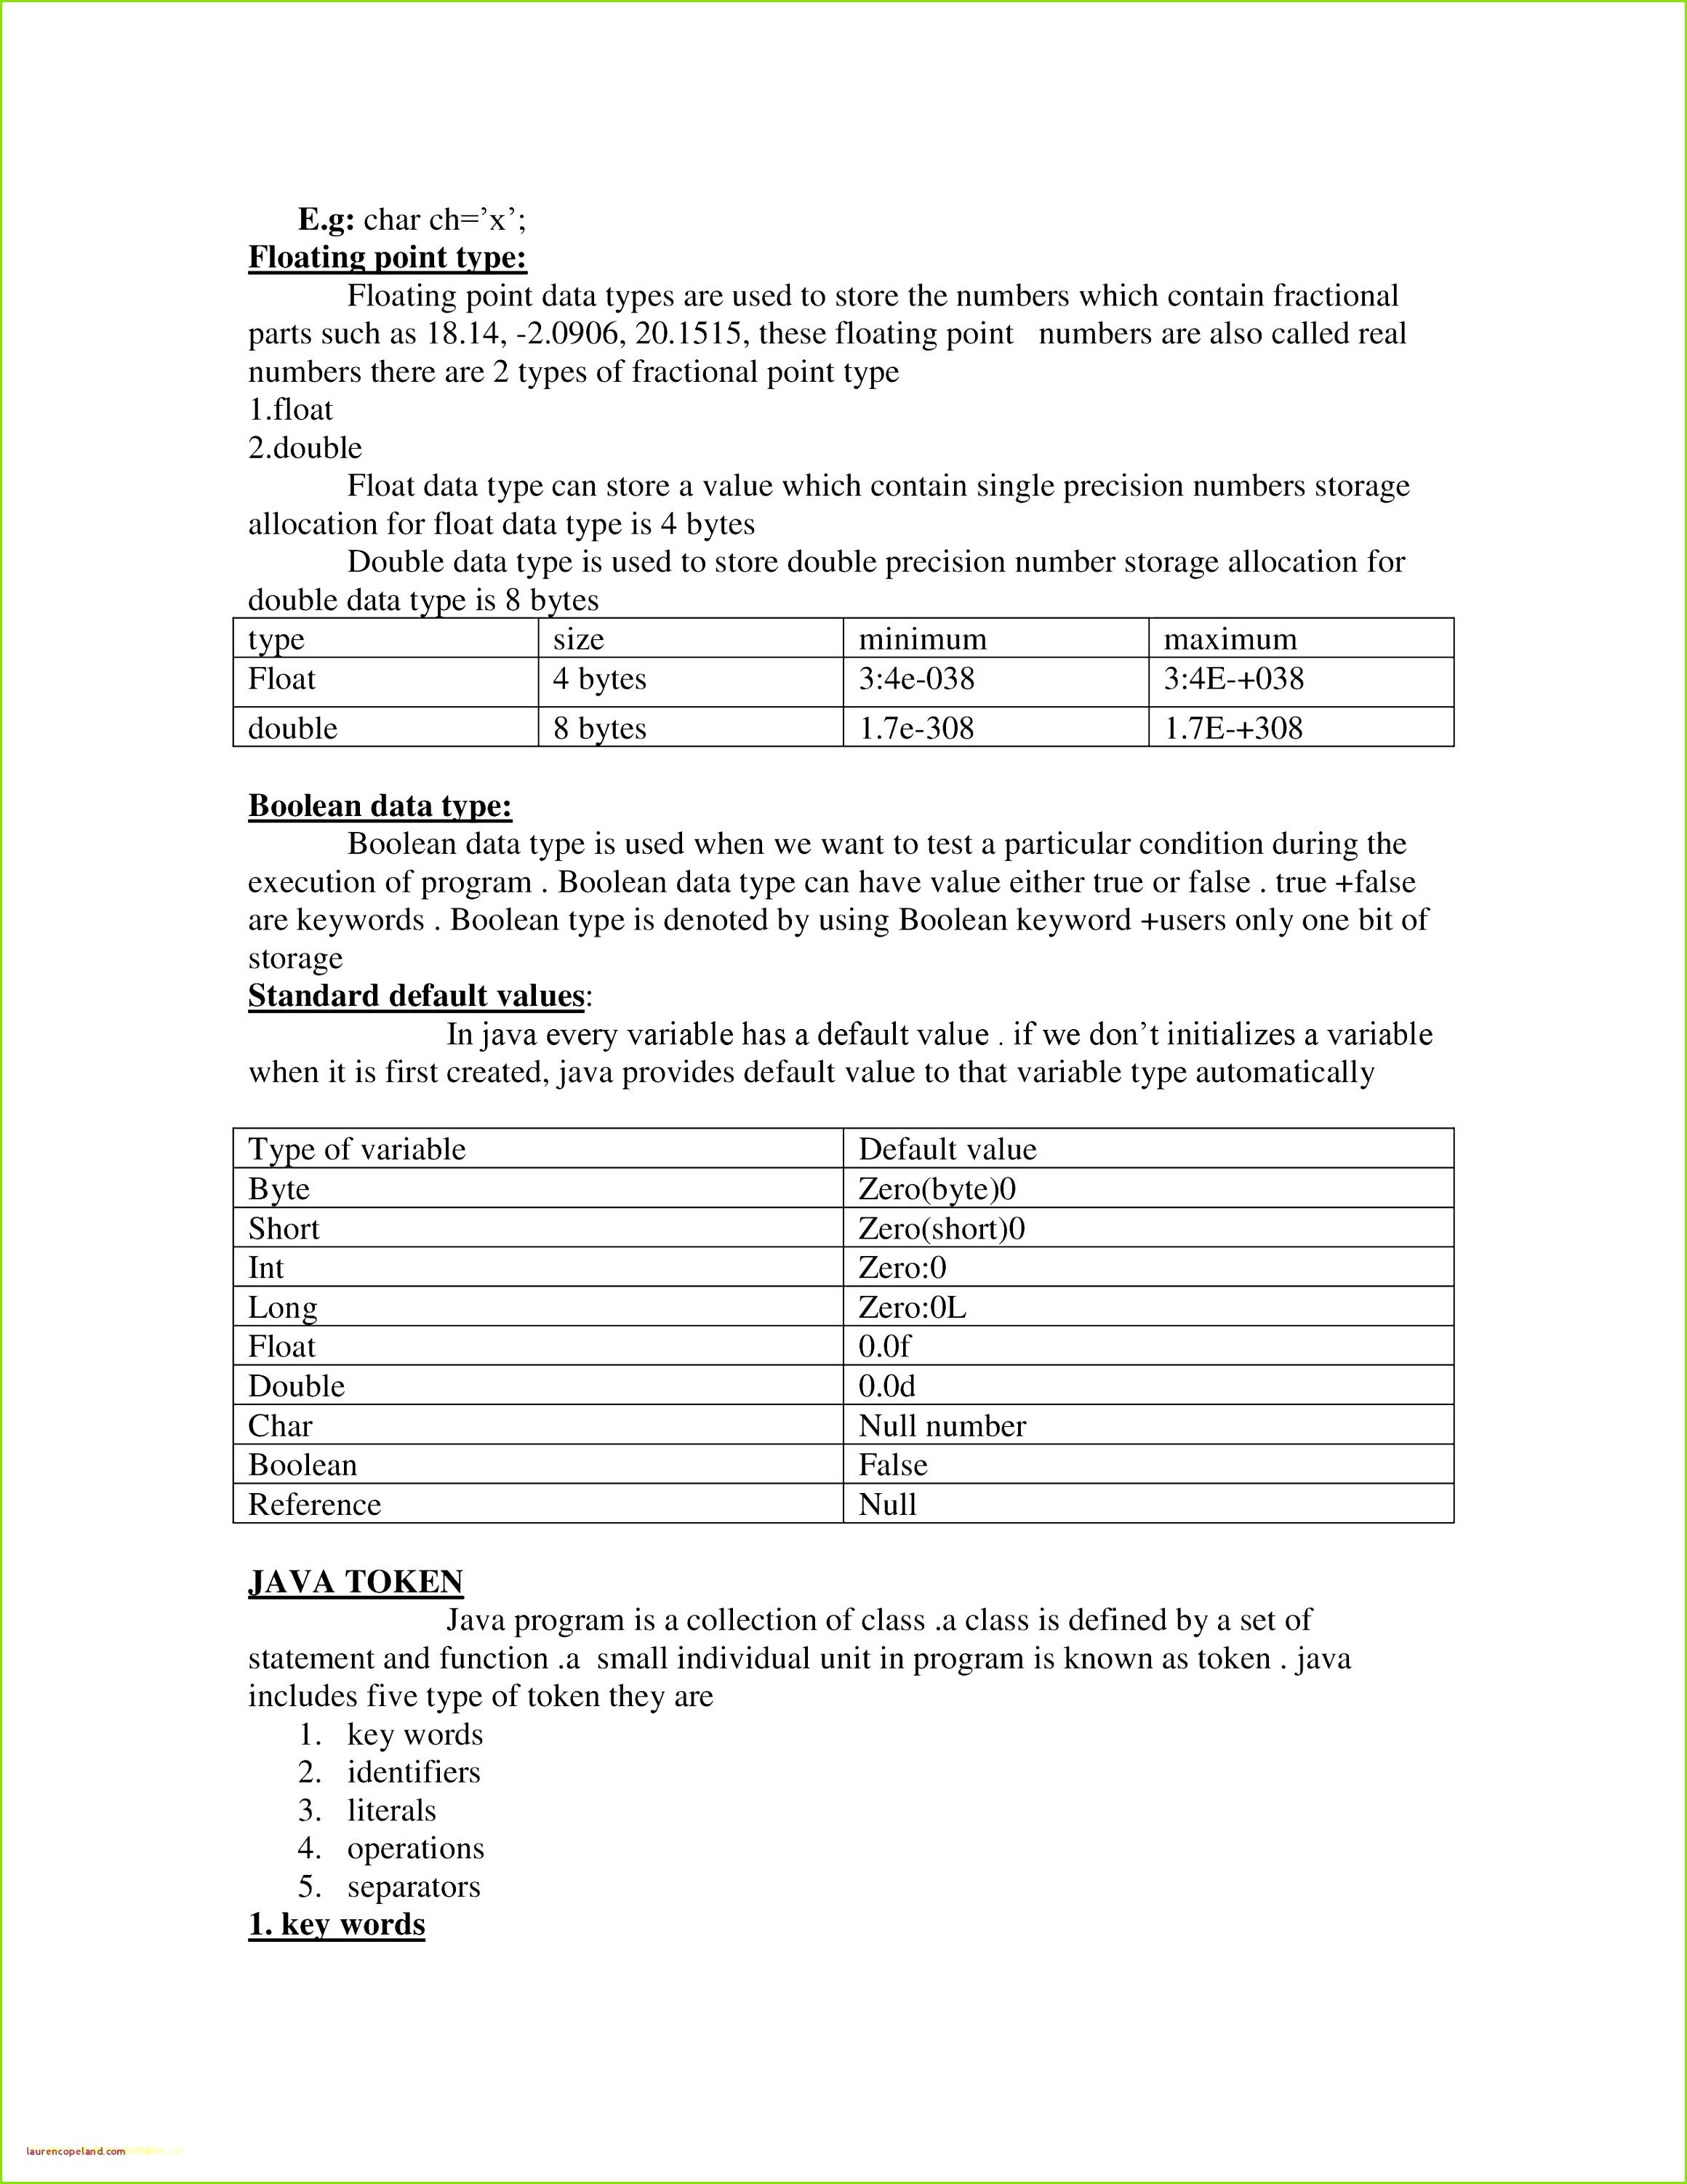 Vda Label Excel Vorlage Ideen Neueste Keyword 30 Excel Vorlage 2018 Hits Vorlagen Blog Besser Keyword